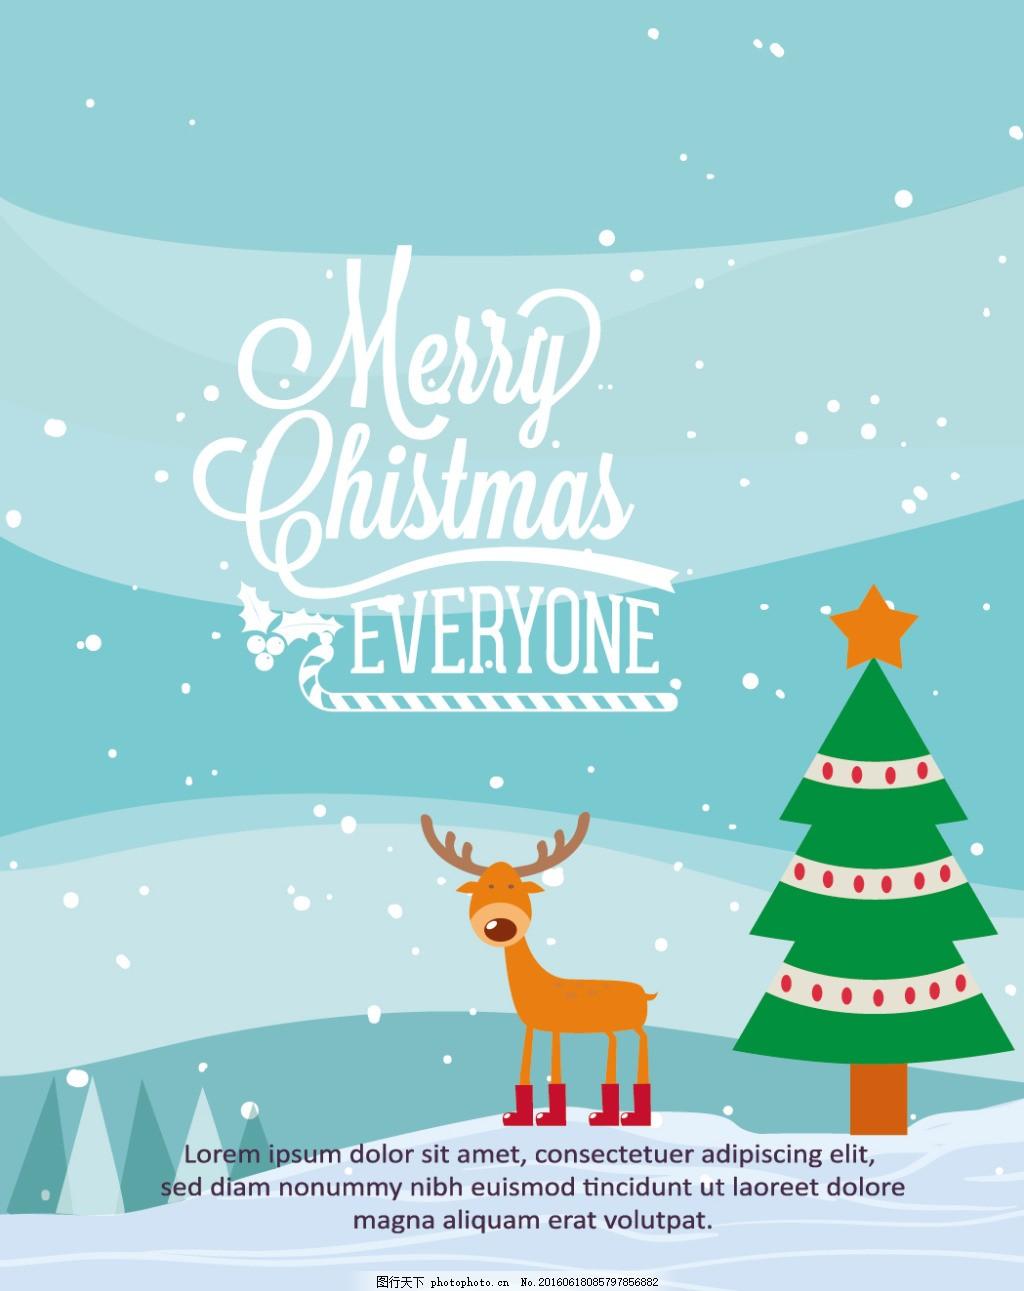 可爱风圣诞素材 圣诞快乐 圣诞 节日素材 新年 新年快乐 海报